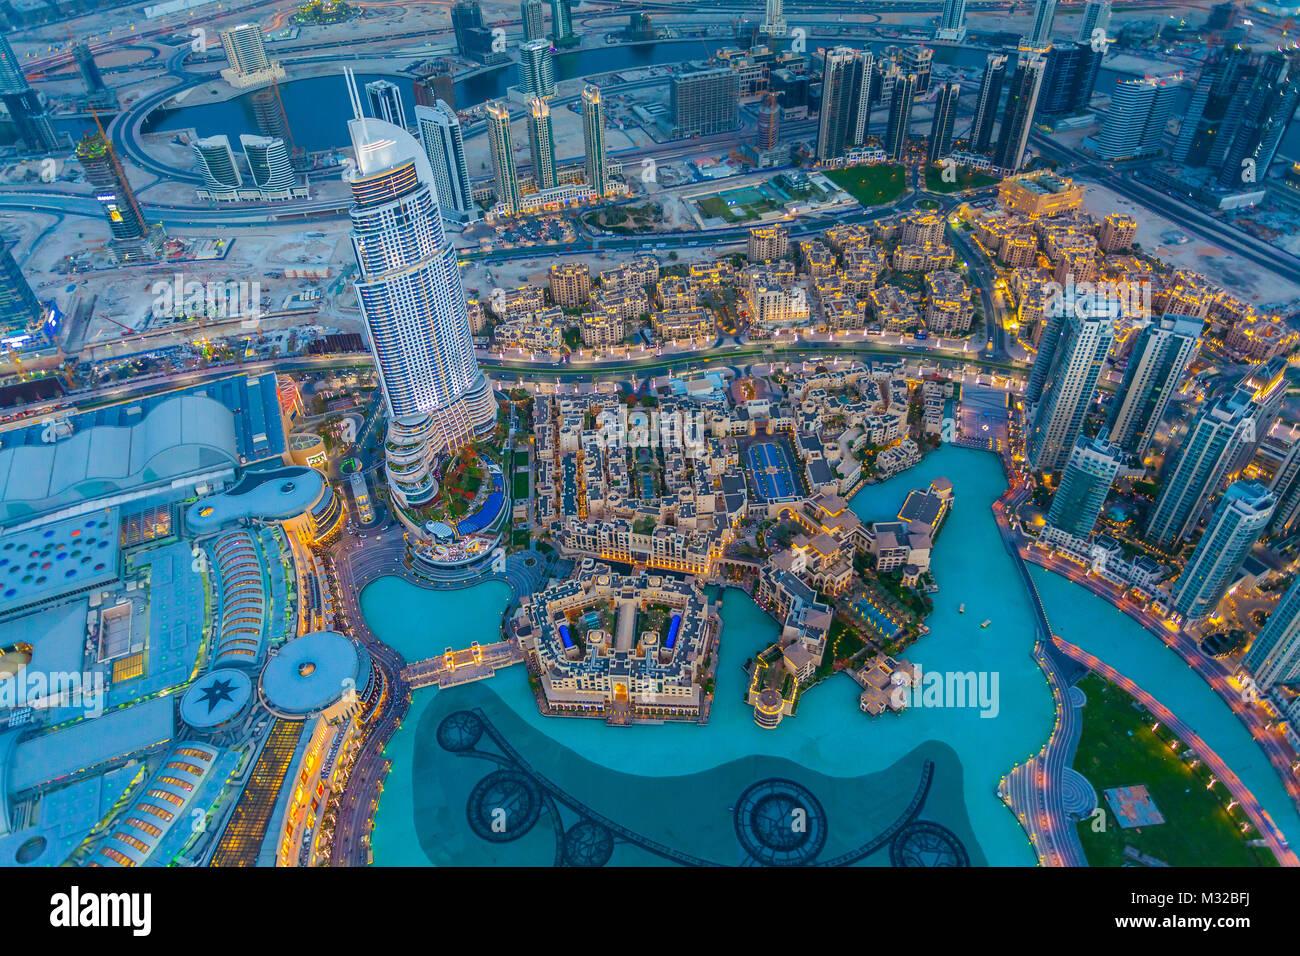 Vista aerea del centro cittadino di Dubai al tramonto Immagini Stock